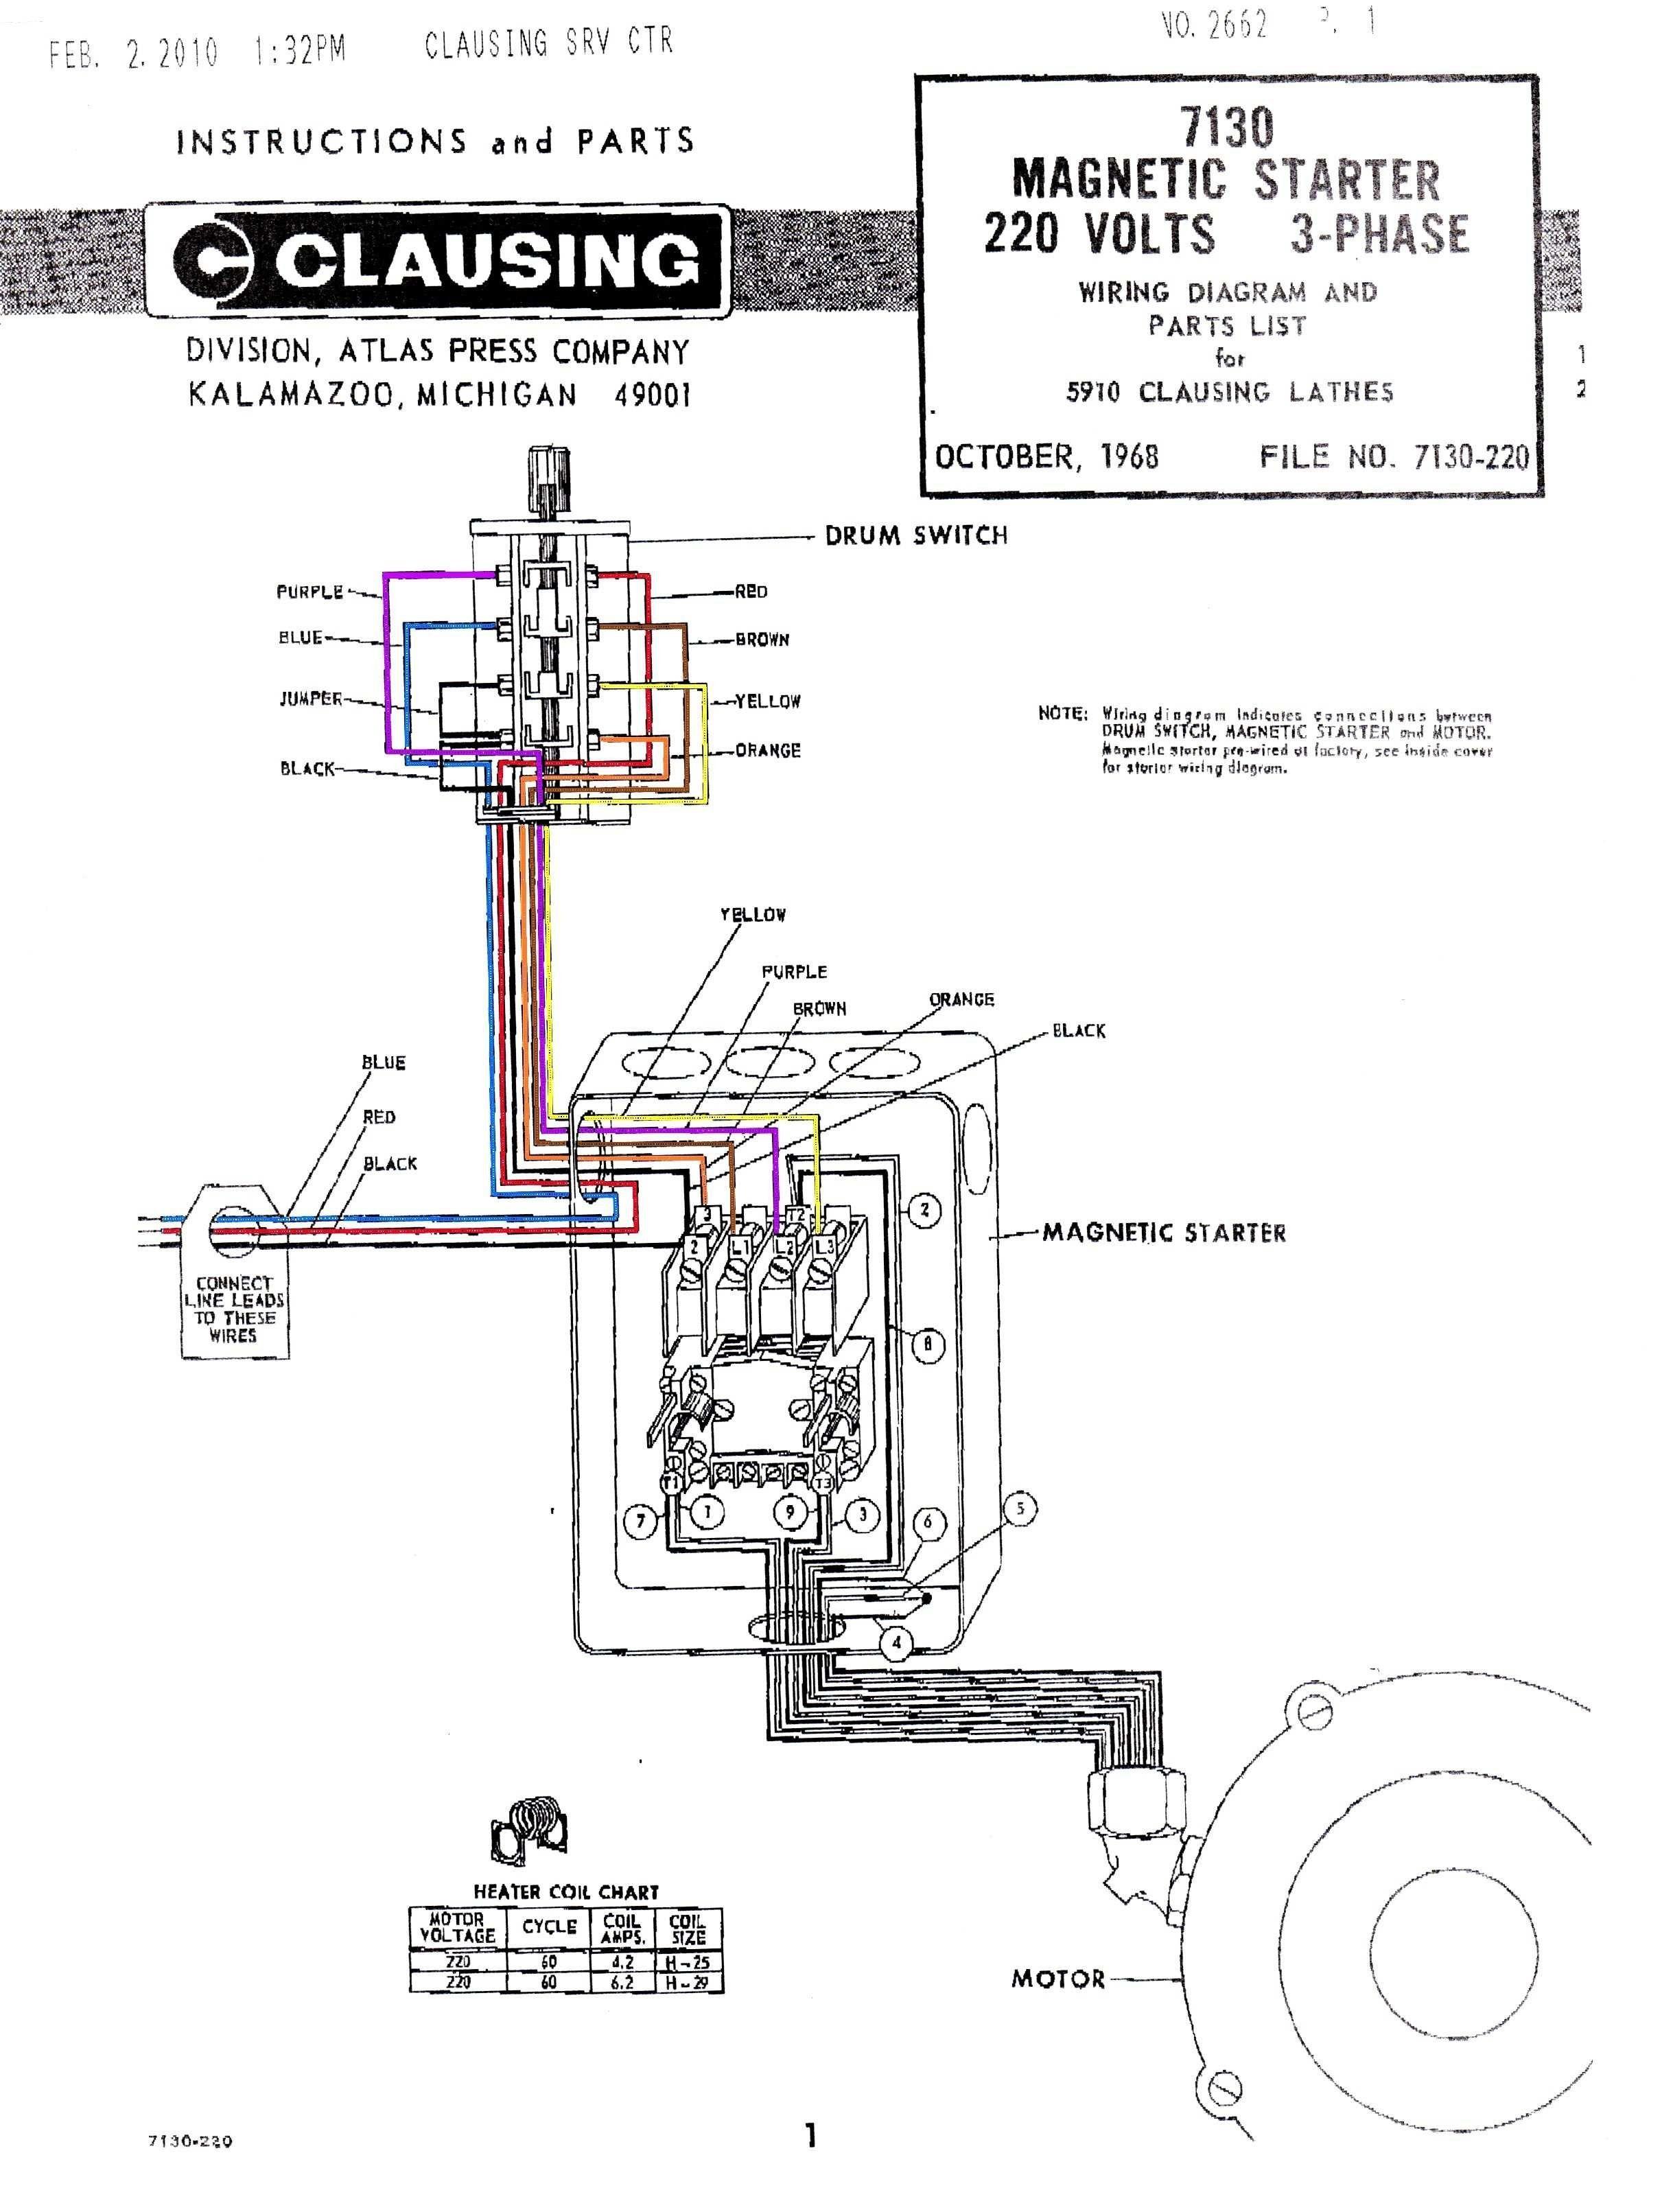 Square D Motor Starter Wiring Diagram Unique Ponent Motor